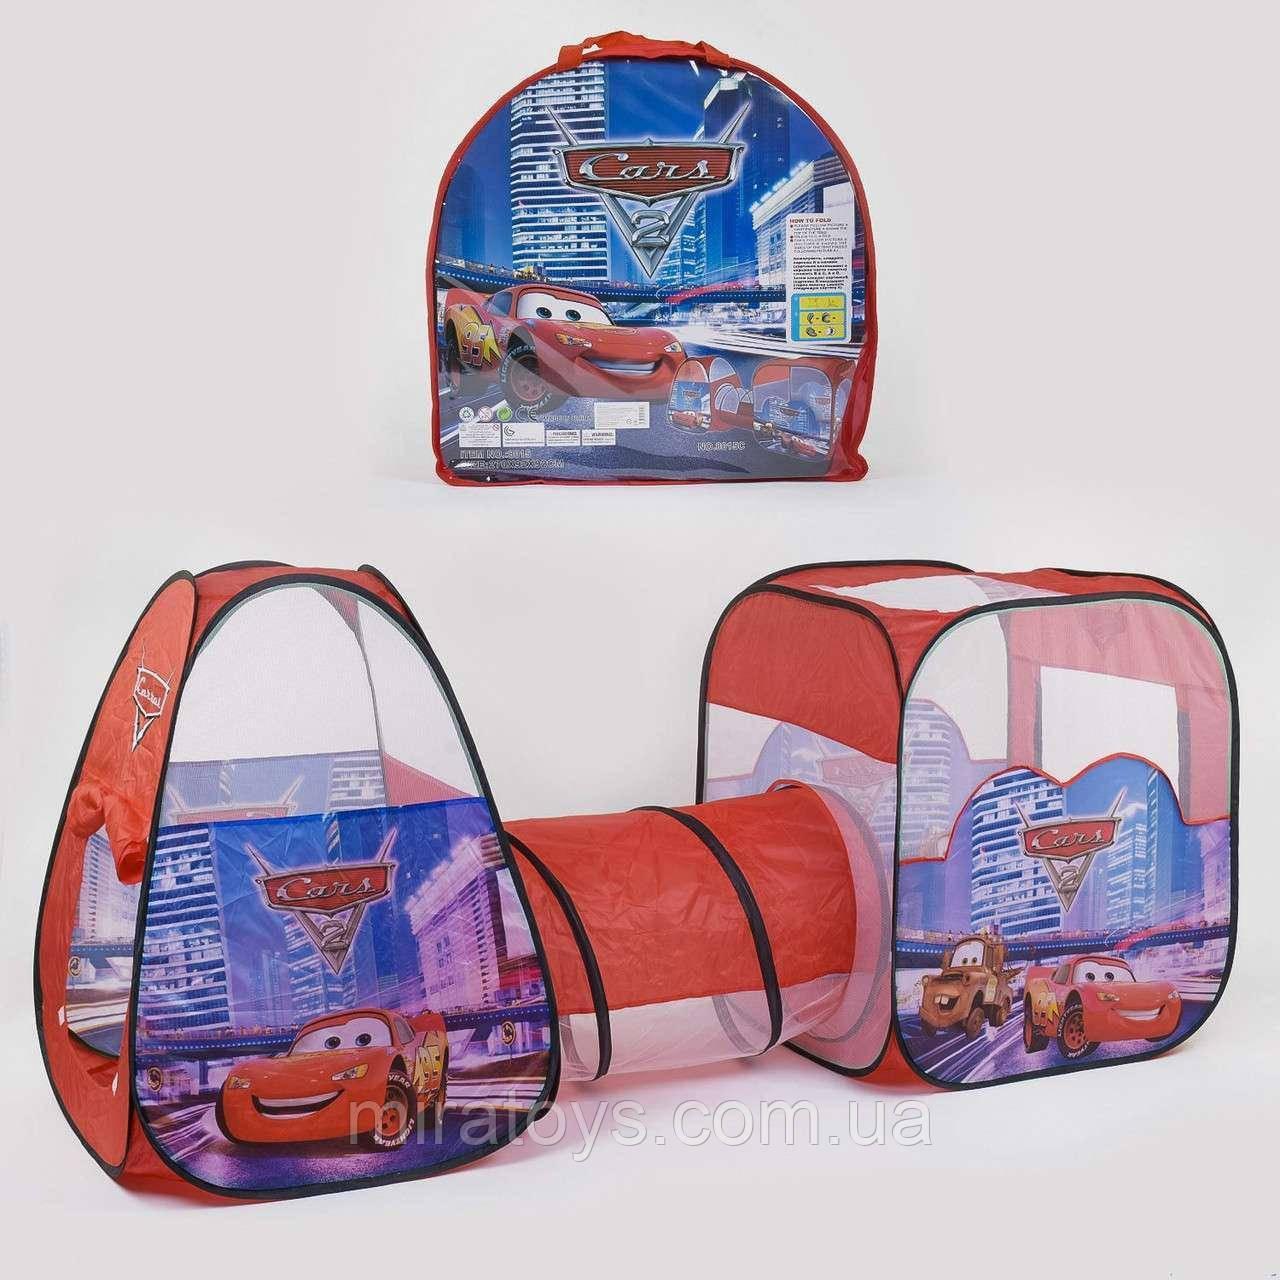 """✅Намет дитячий ігровий 8015C, """"Машинки"""", 2 будиночки з переходом-тунелем, 270*92*92 см"""